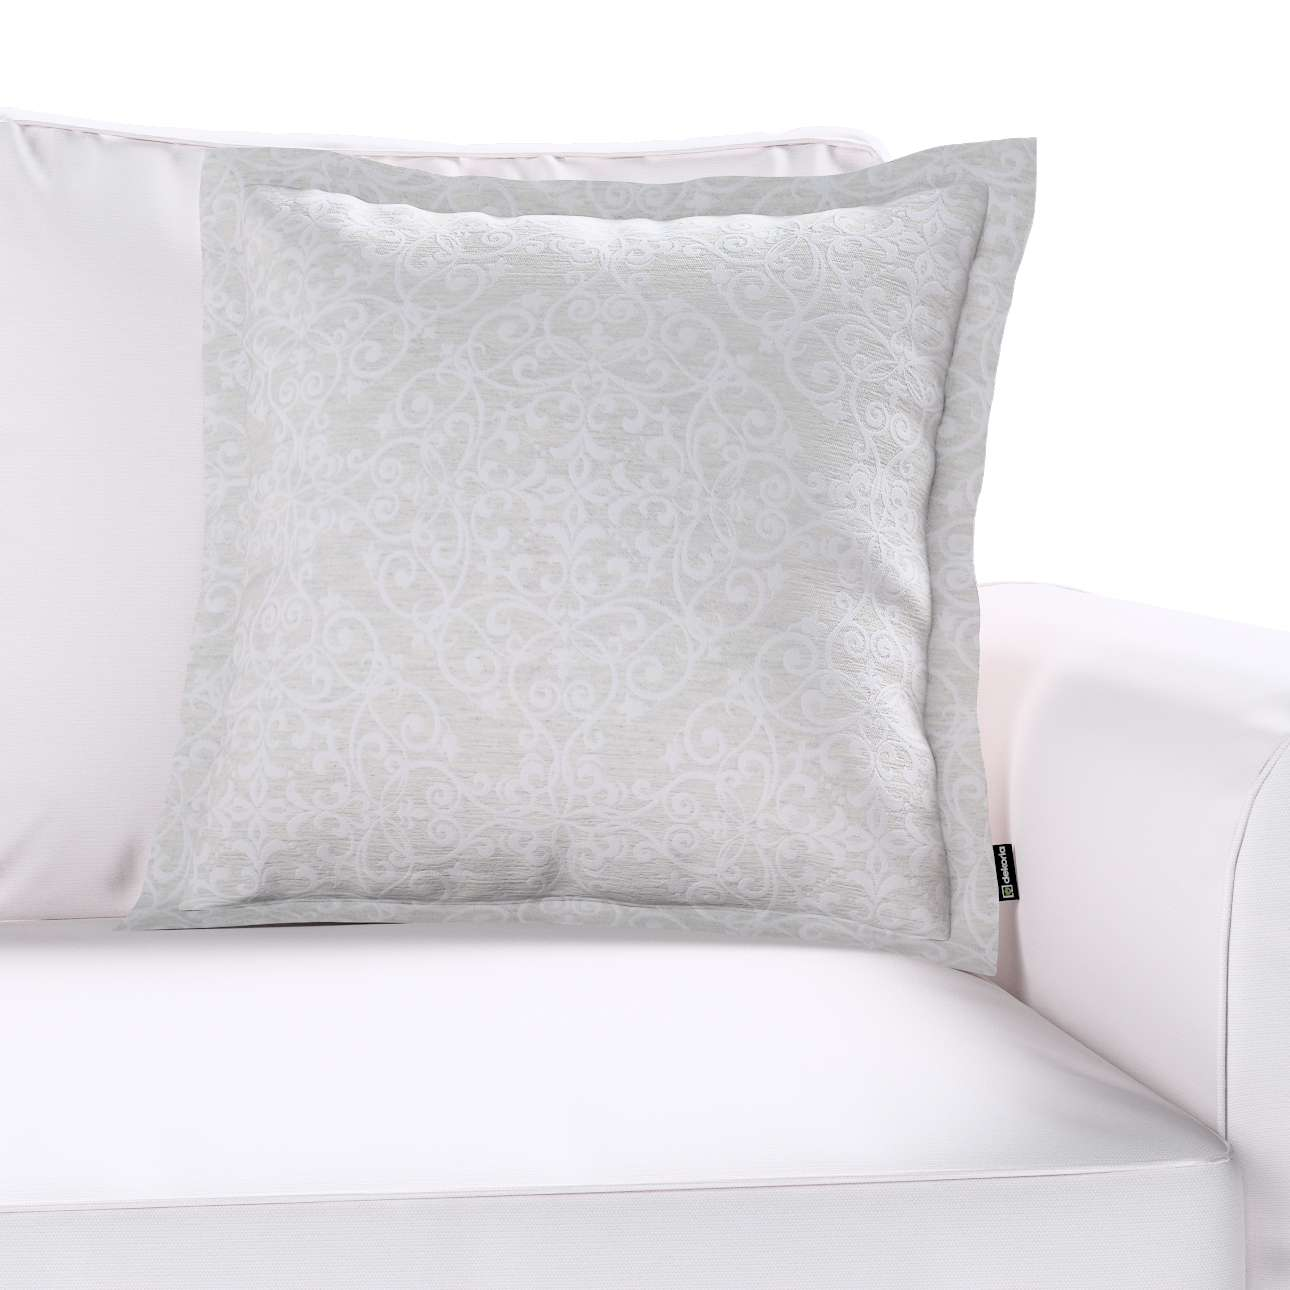 Poszewka Mona na poduszkę w kolekcji Venice, tkanina: 140-49